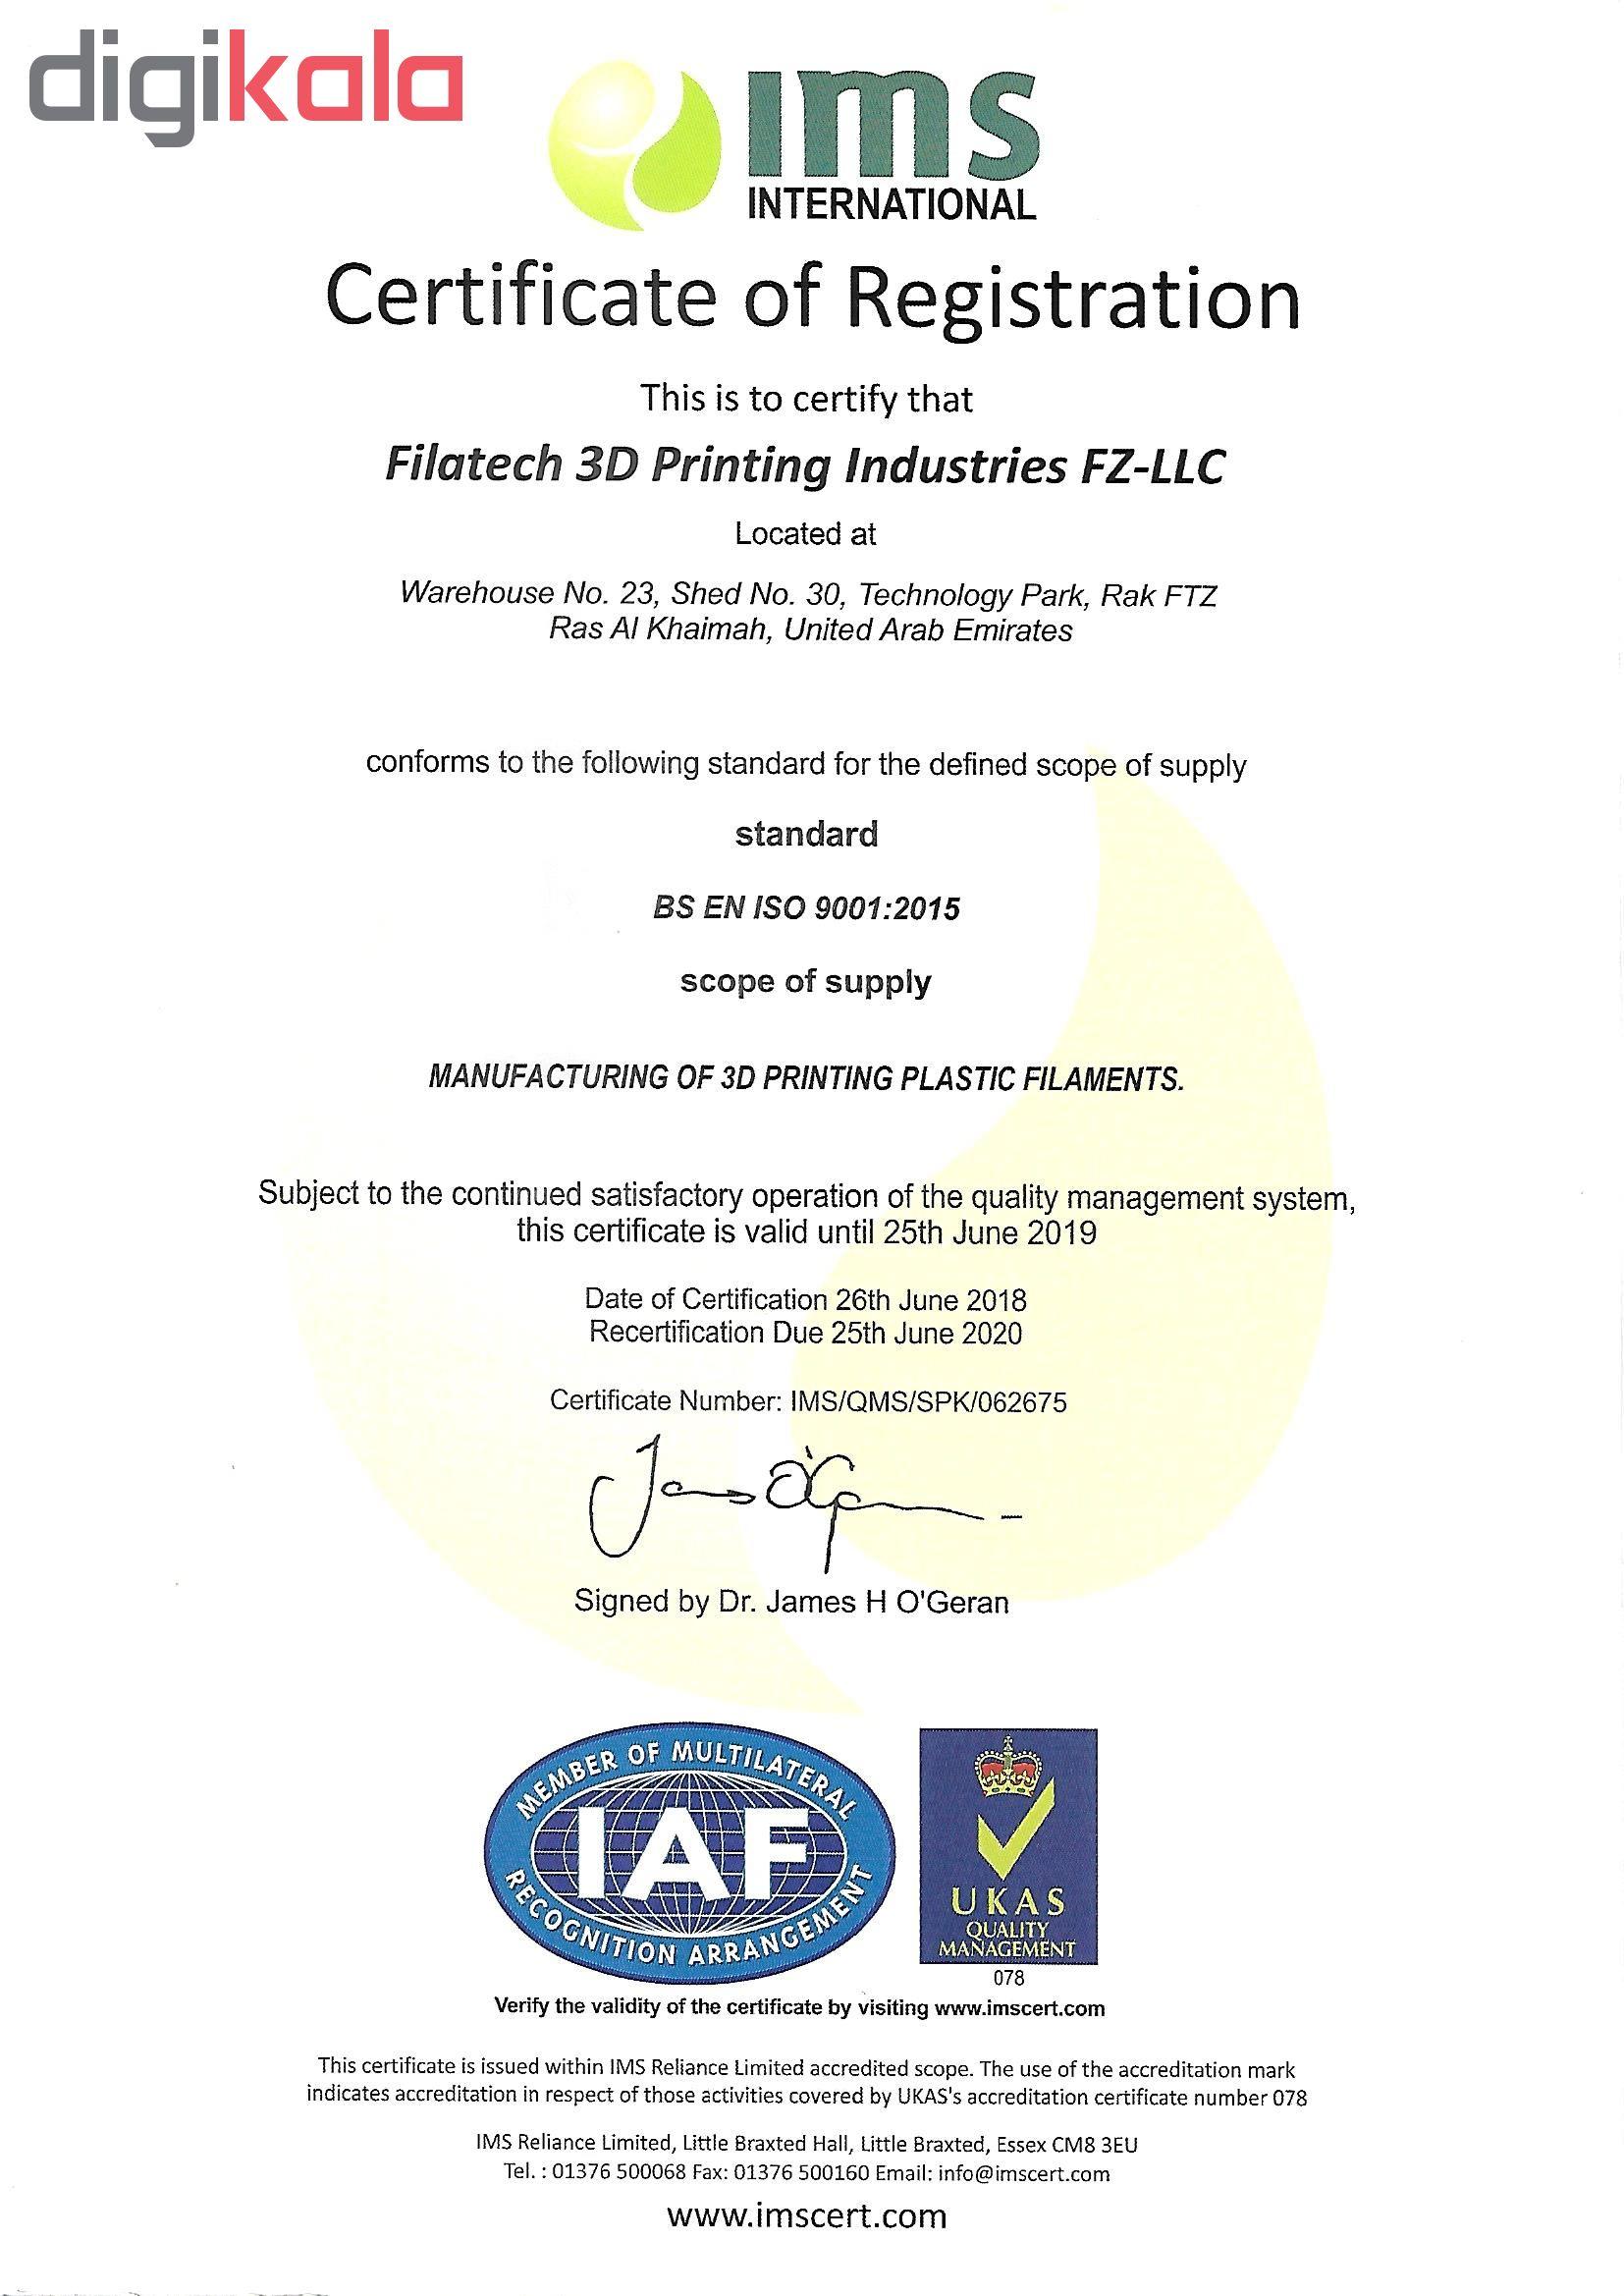 فیلامنت پرینتر سه بعدی فیلاتک مدل FilaFLEX40 قطر 1.75 میلی متر وزن 1 کیلوگرم